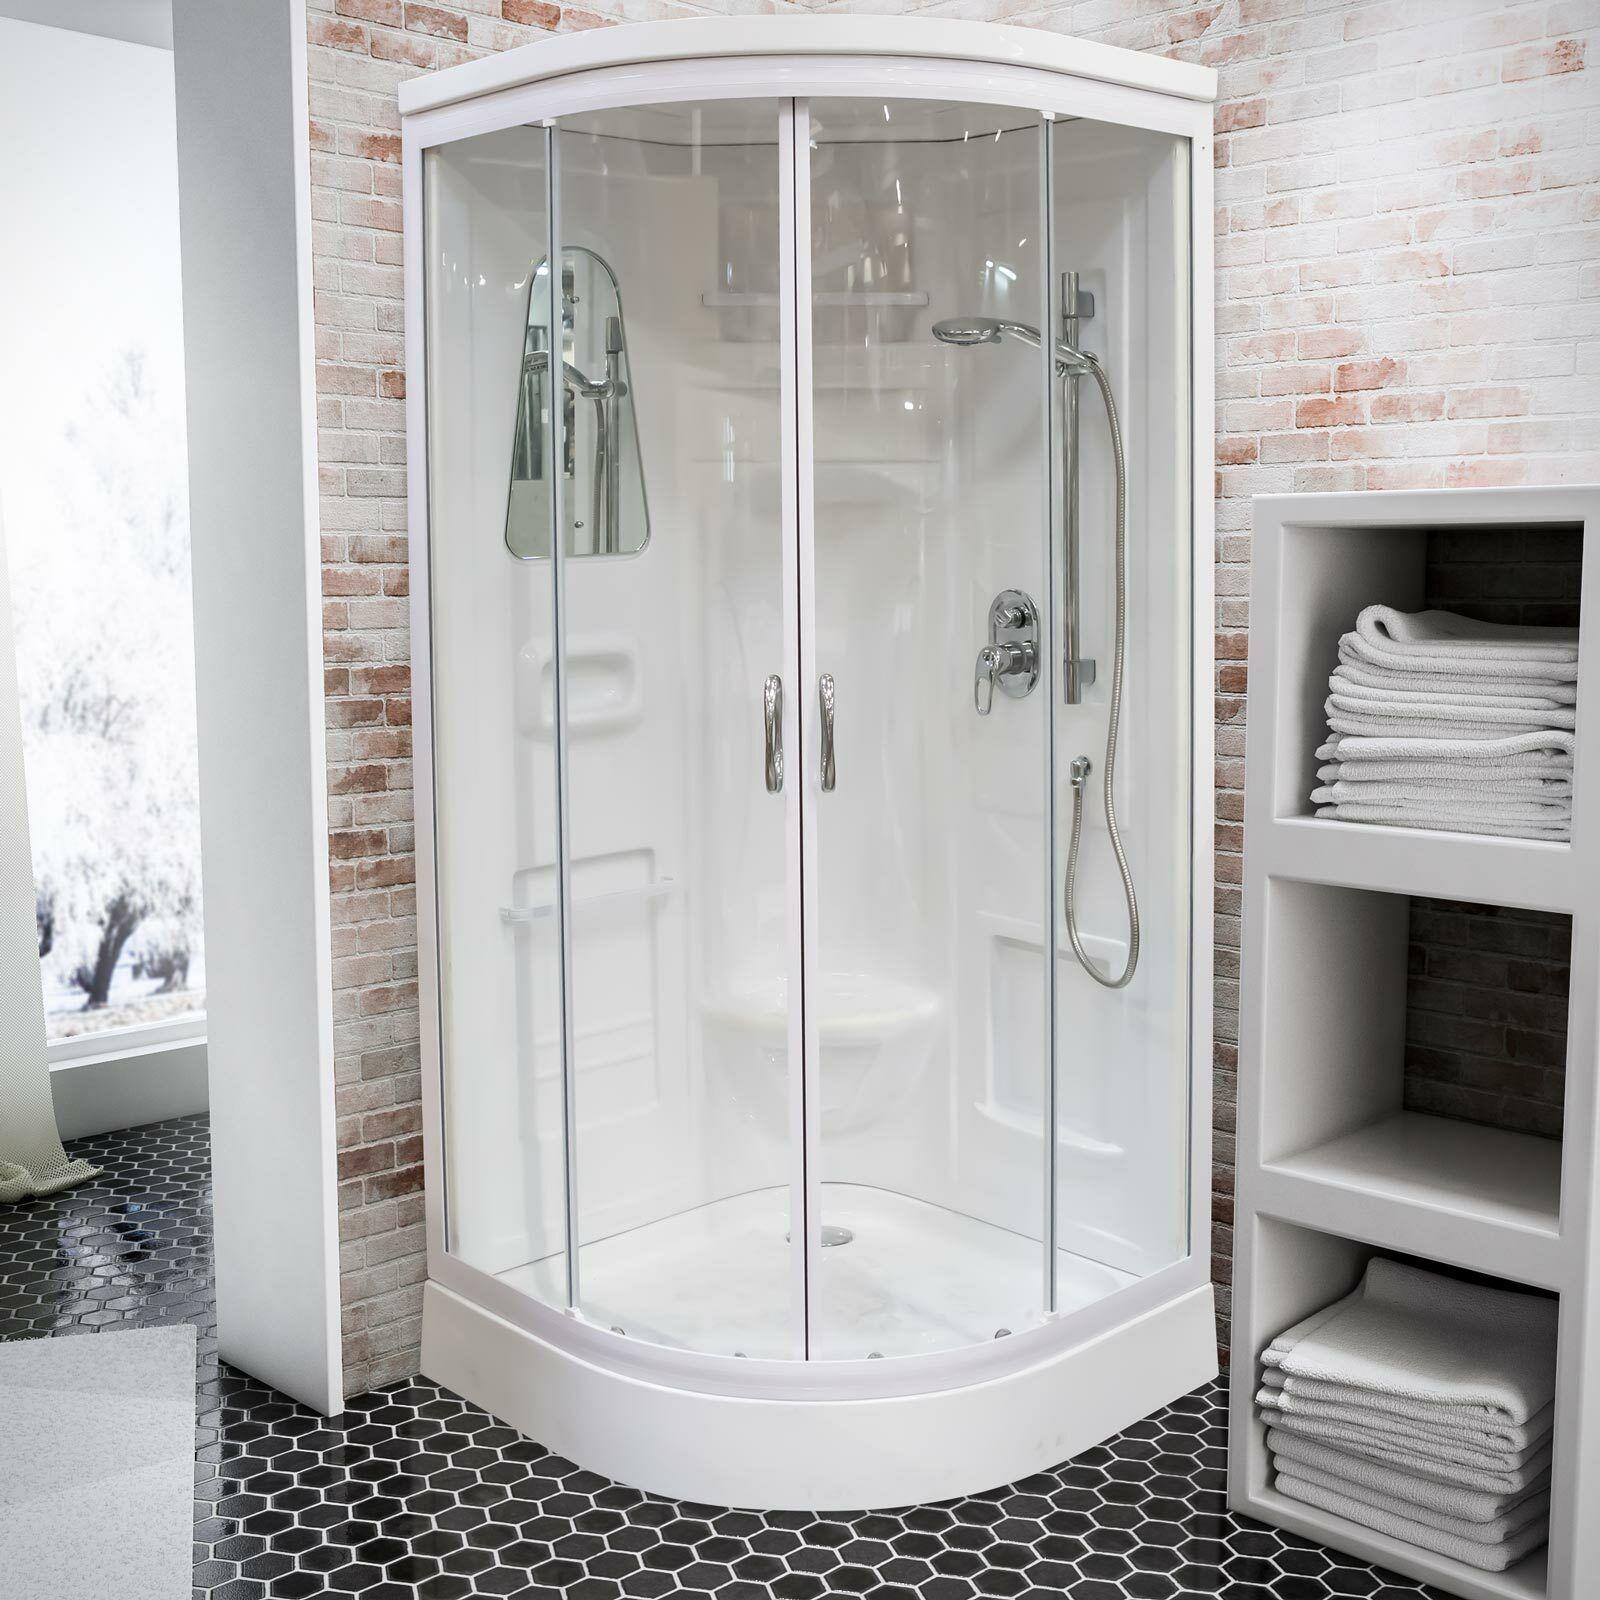 Komplettdusche Helgoland Fertigdusche Duschtempel Schulte 92x92 cm Glas weiß